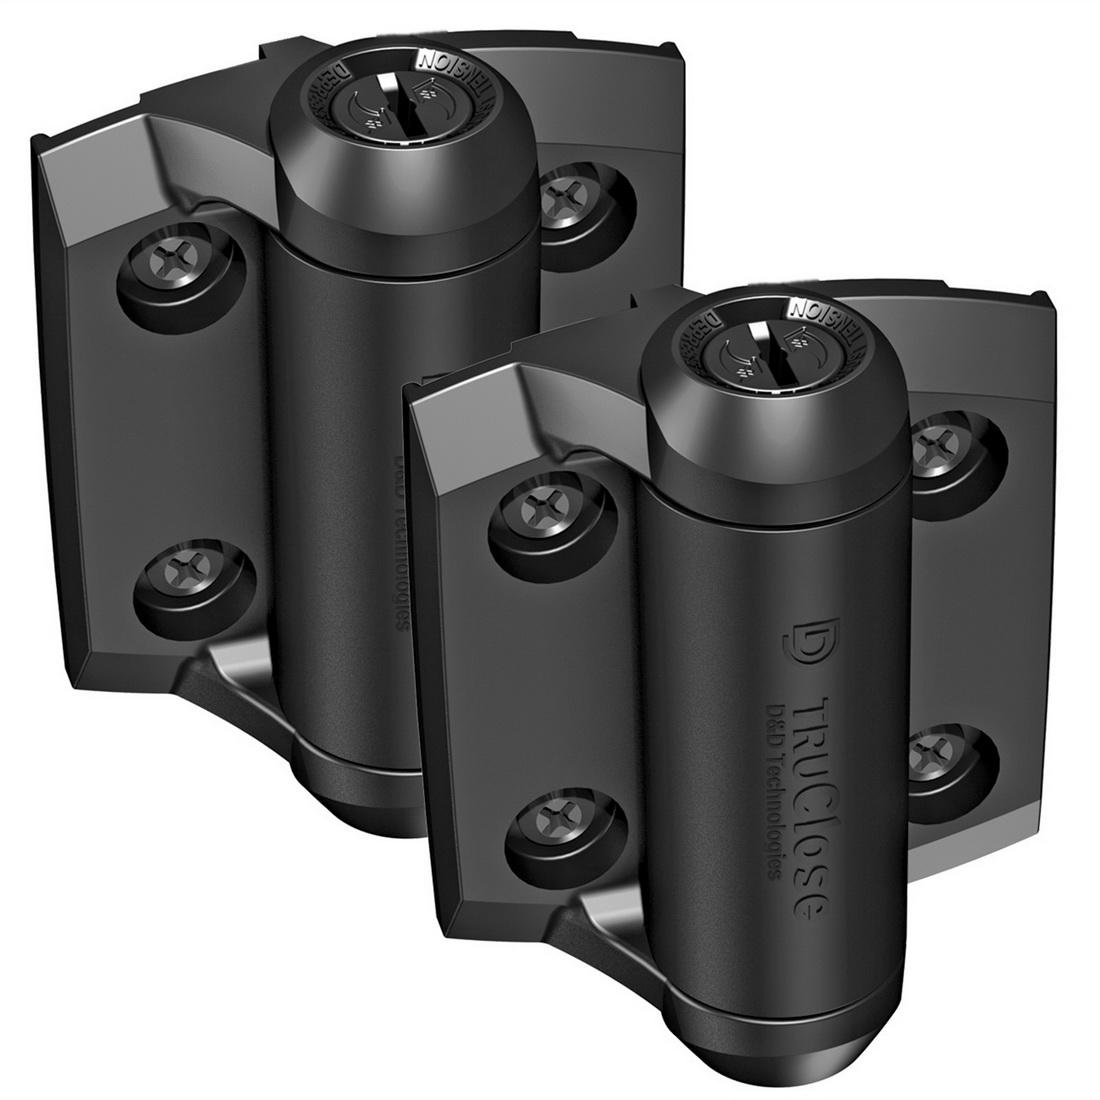 Truclose Self-Closing Pool Metal Gate Hinge 97 X 64mm Black